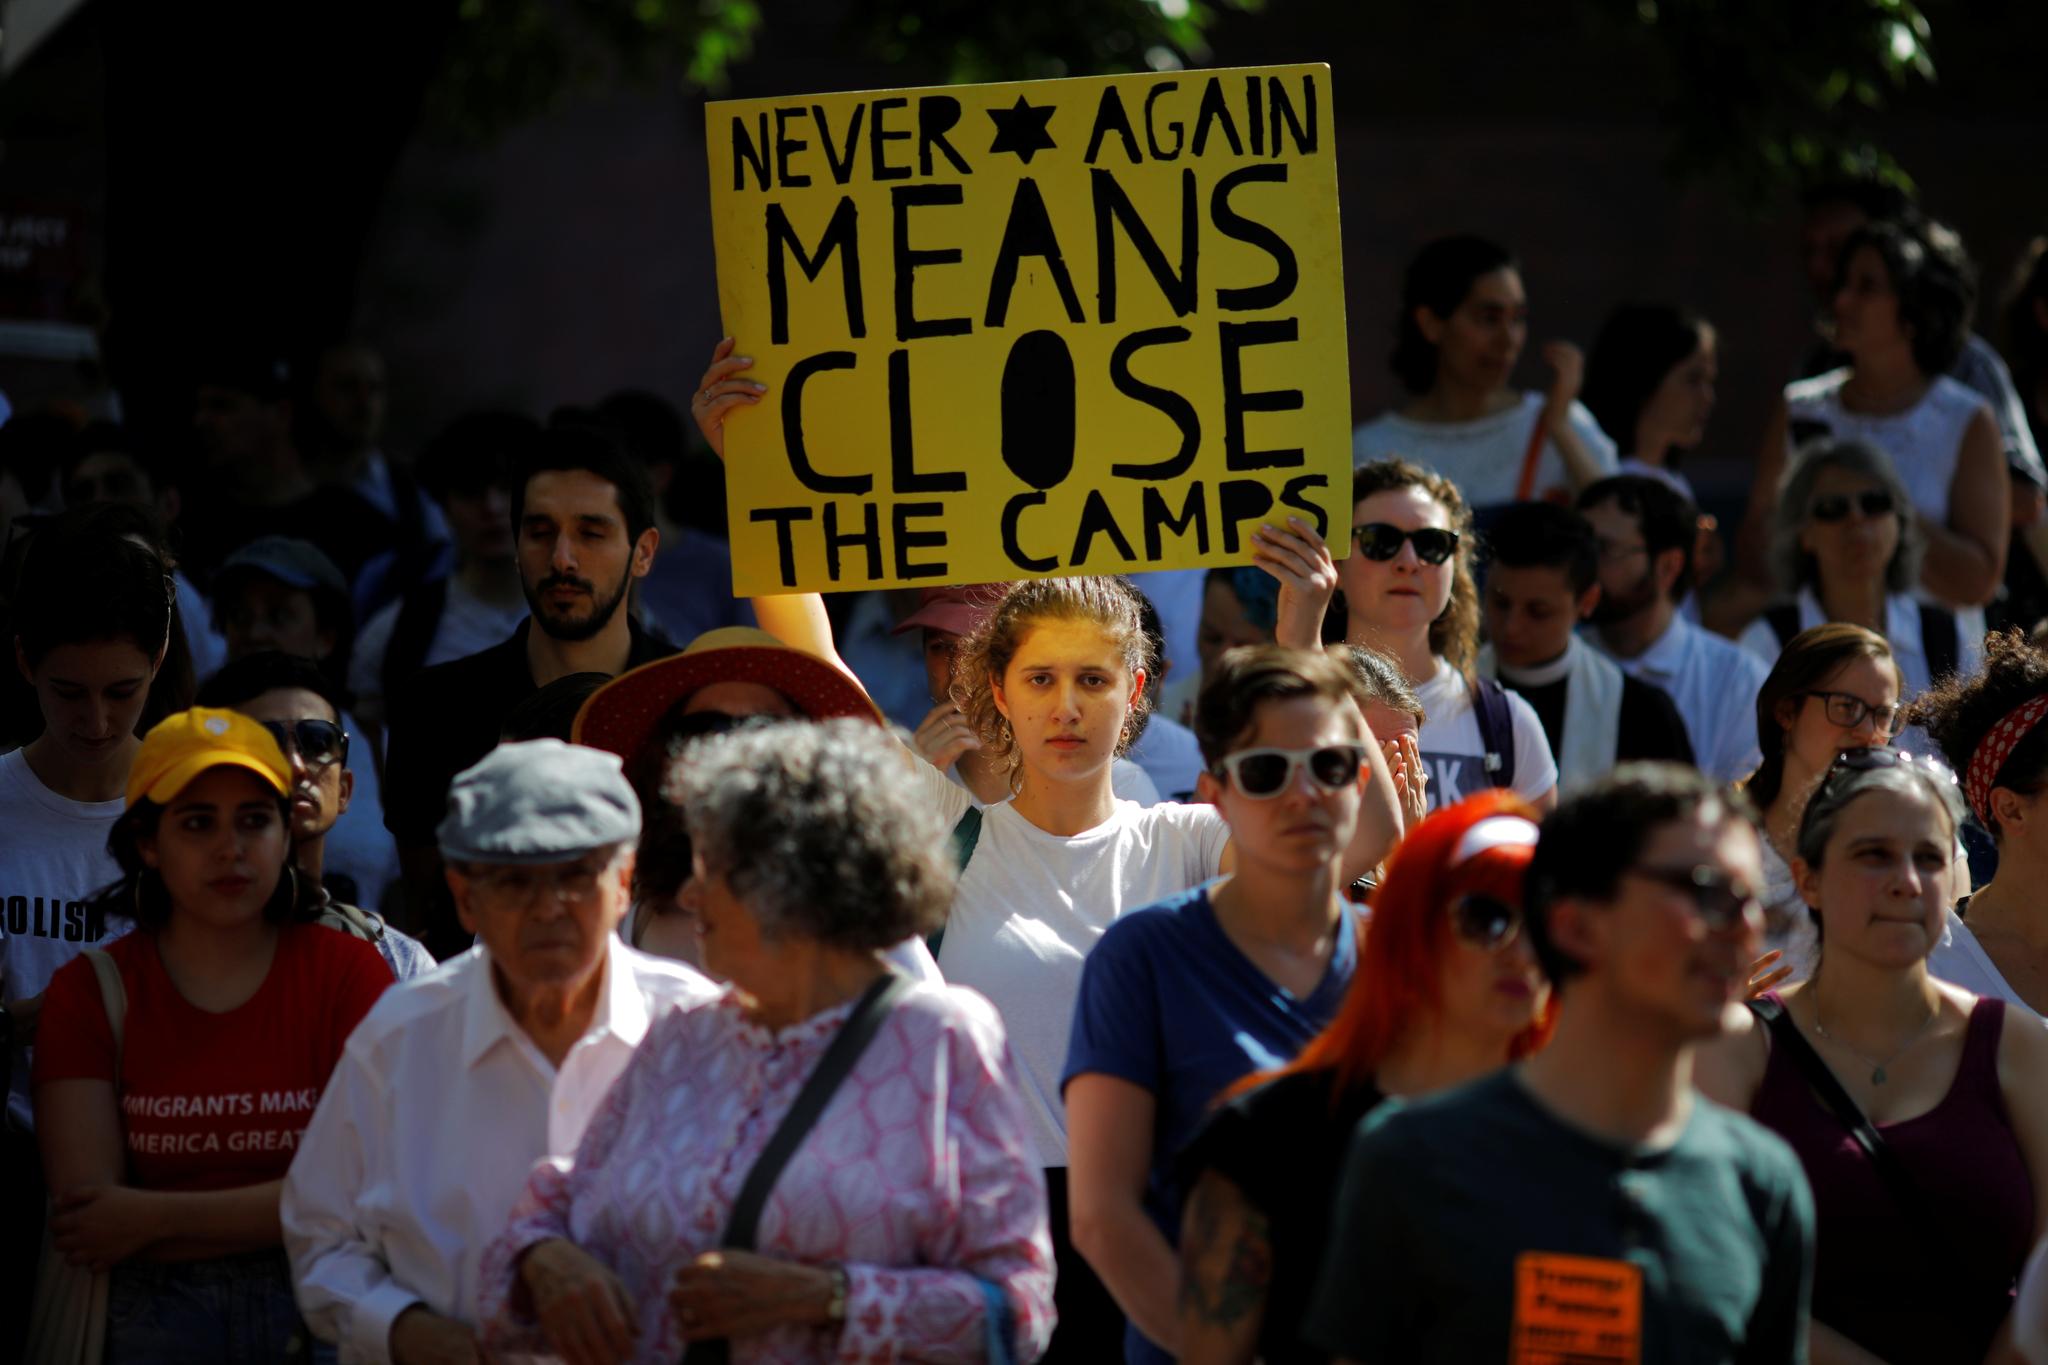 2일(현지시간) 미국 보스턴에서 한 시민이 구금시설 폐쇄를 주장하는 내용이 담긴 손팻말을 들고 시위하고 있다. [로이터=연합뉴스]